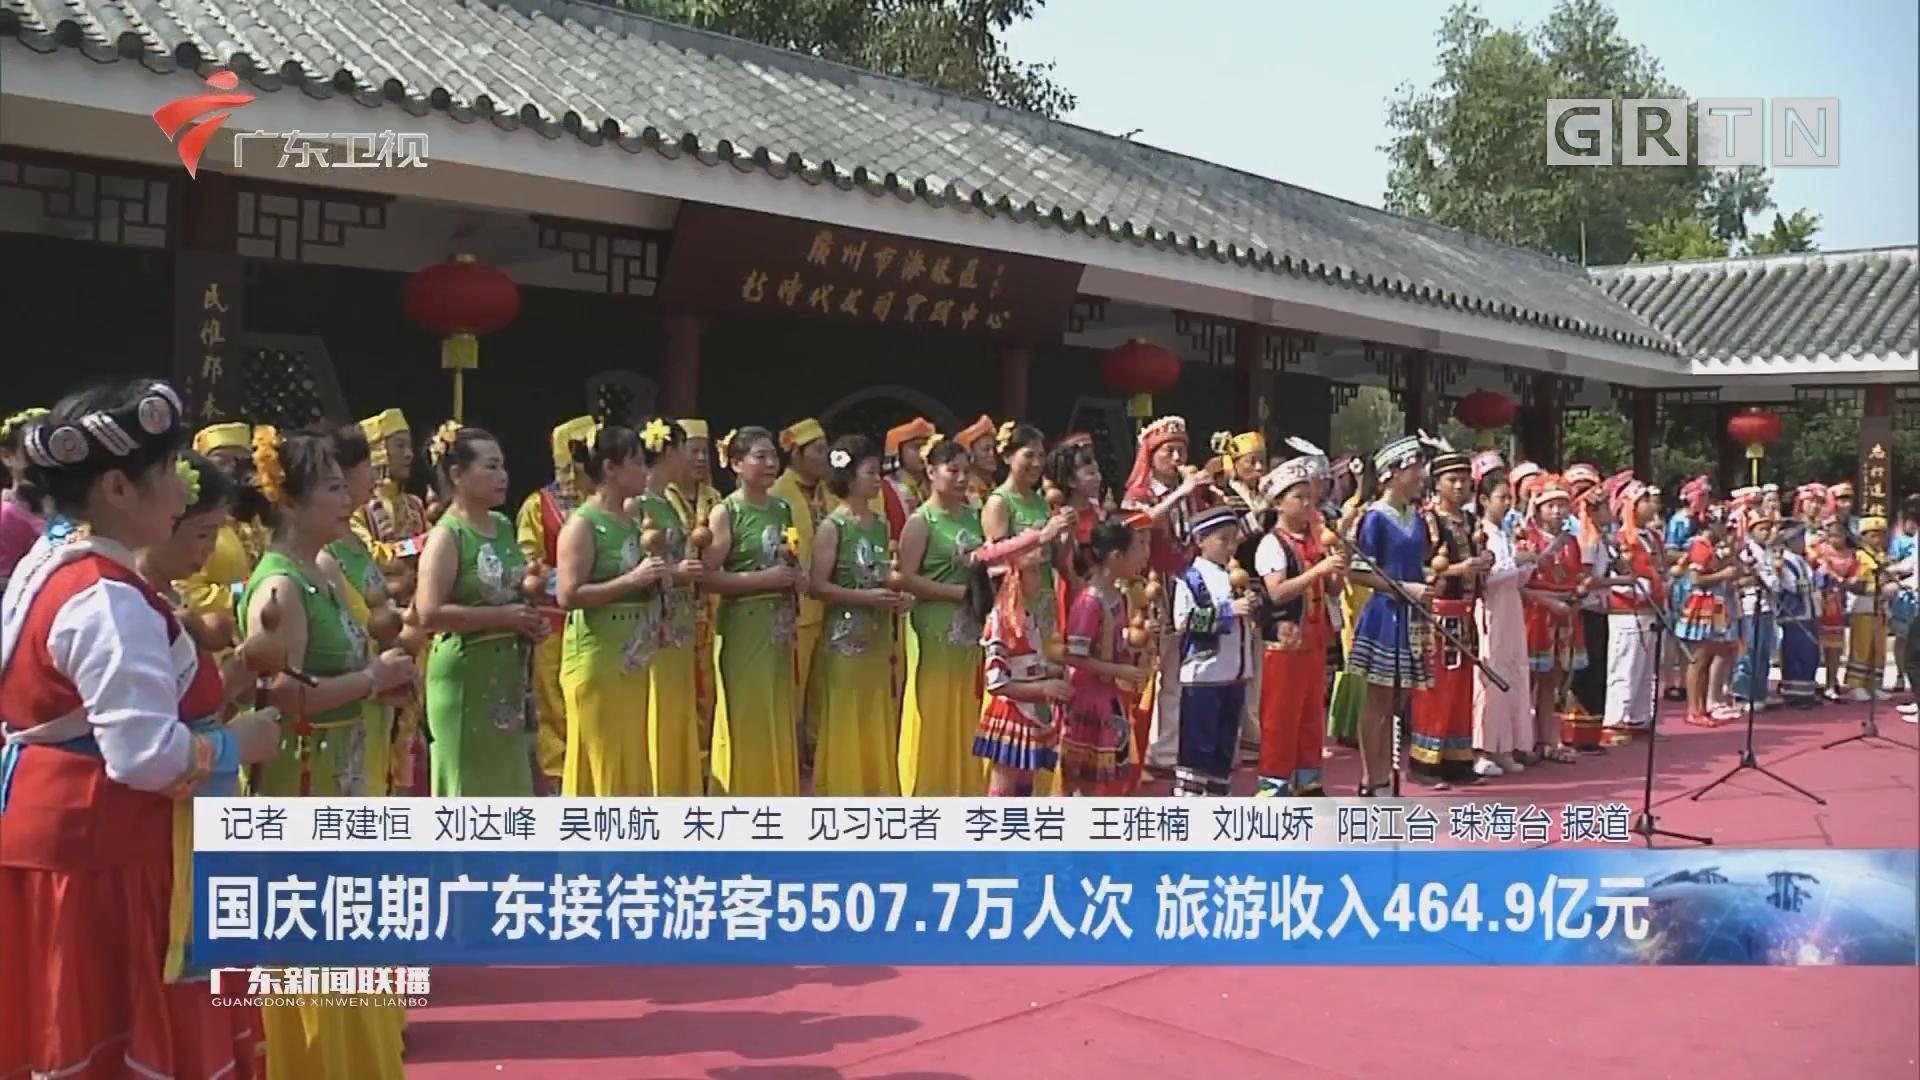 國慶假期廣東接待游客5507.7萬人次 旅游收入464.9億元